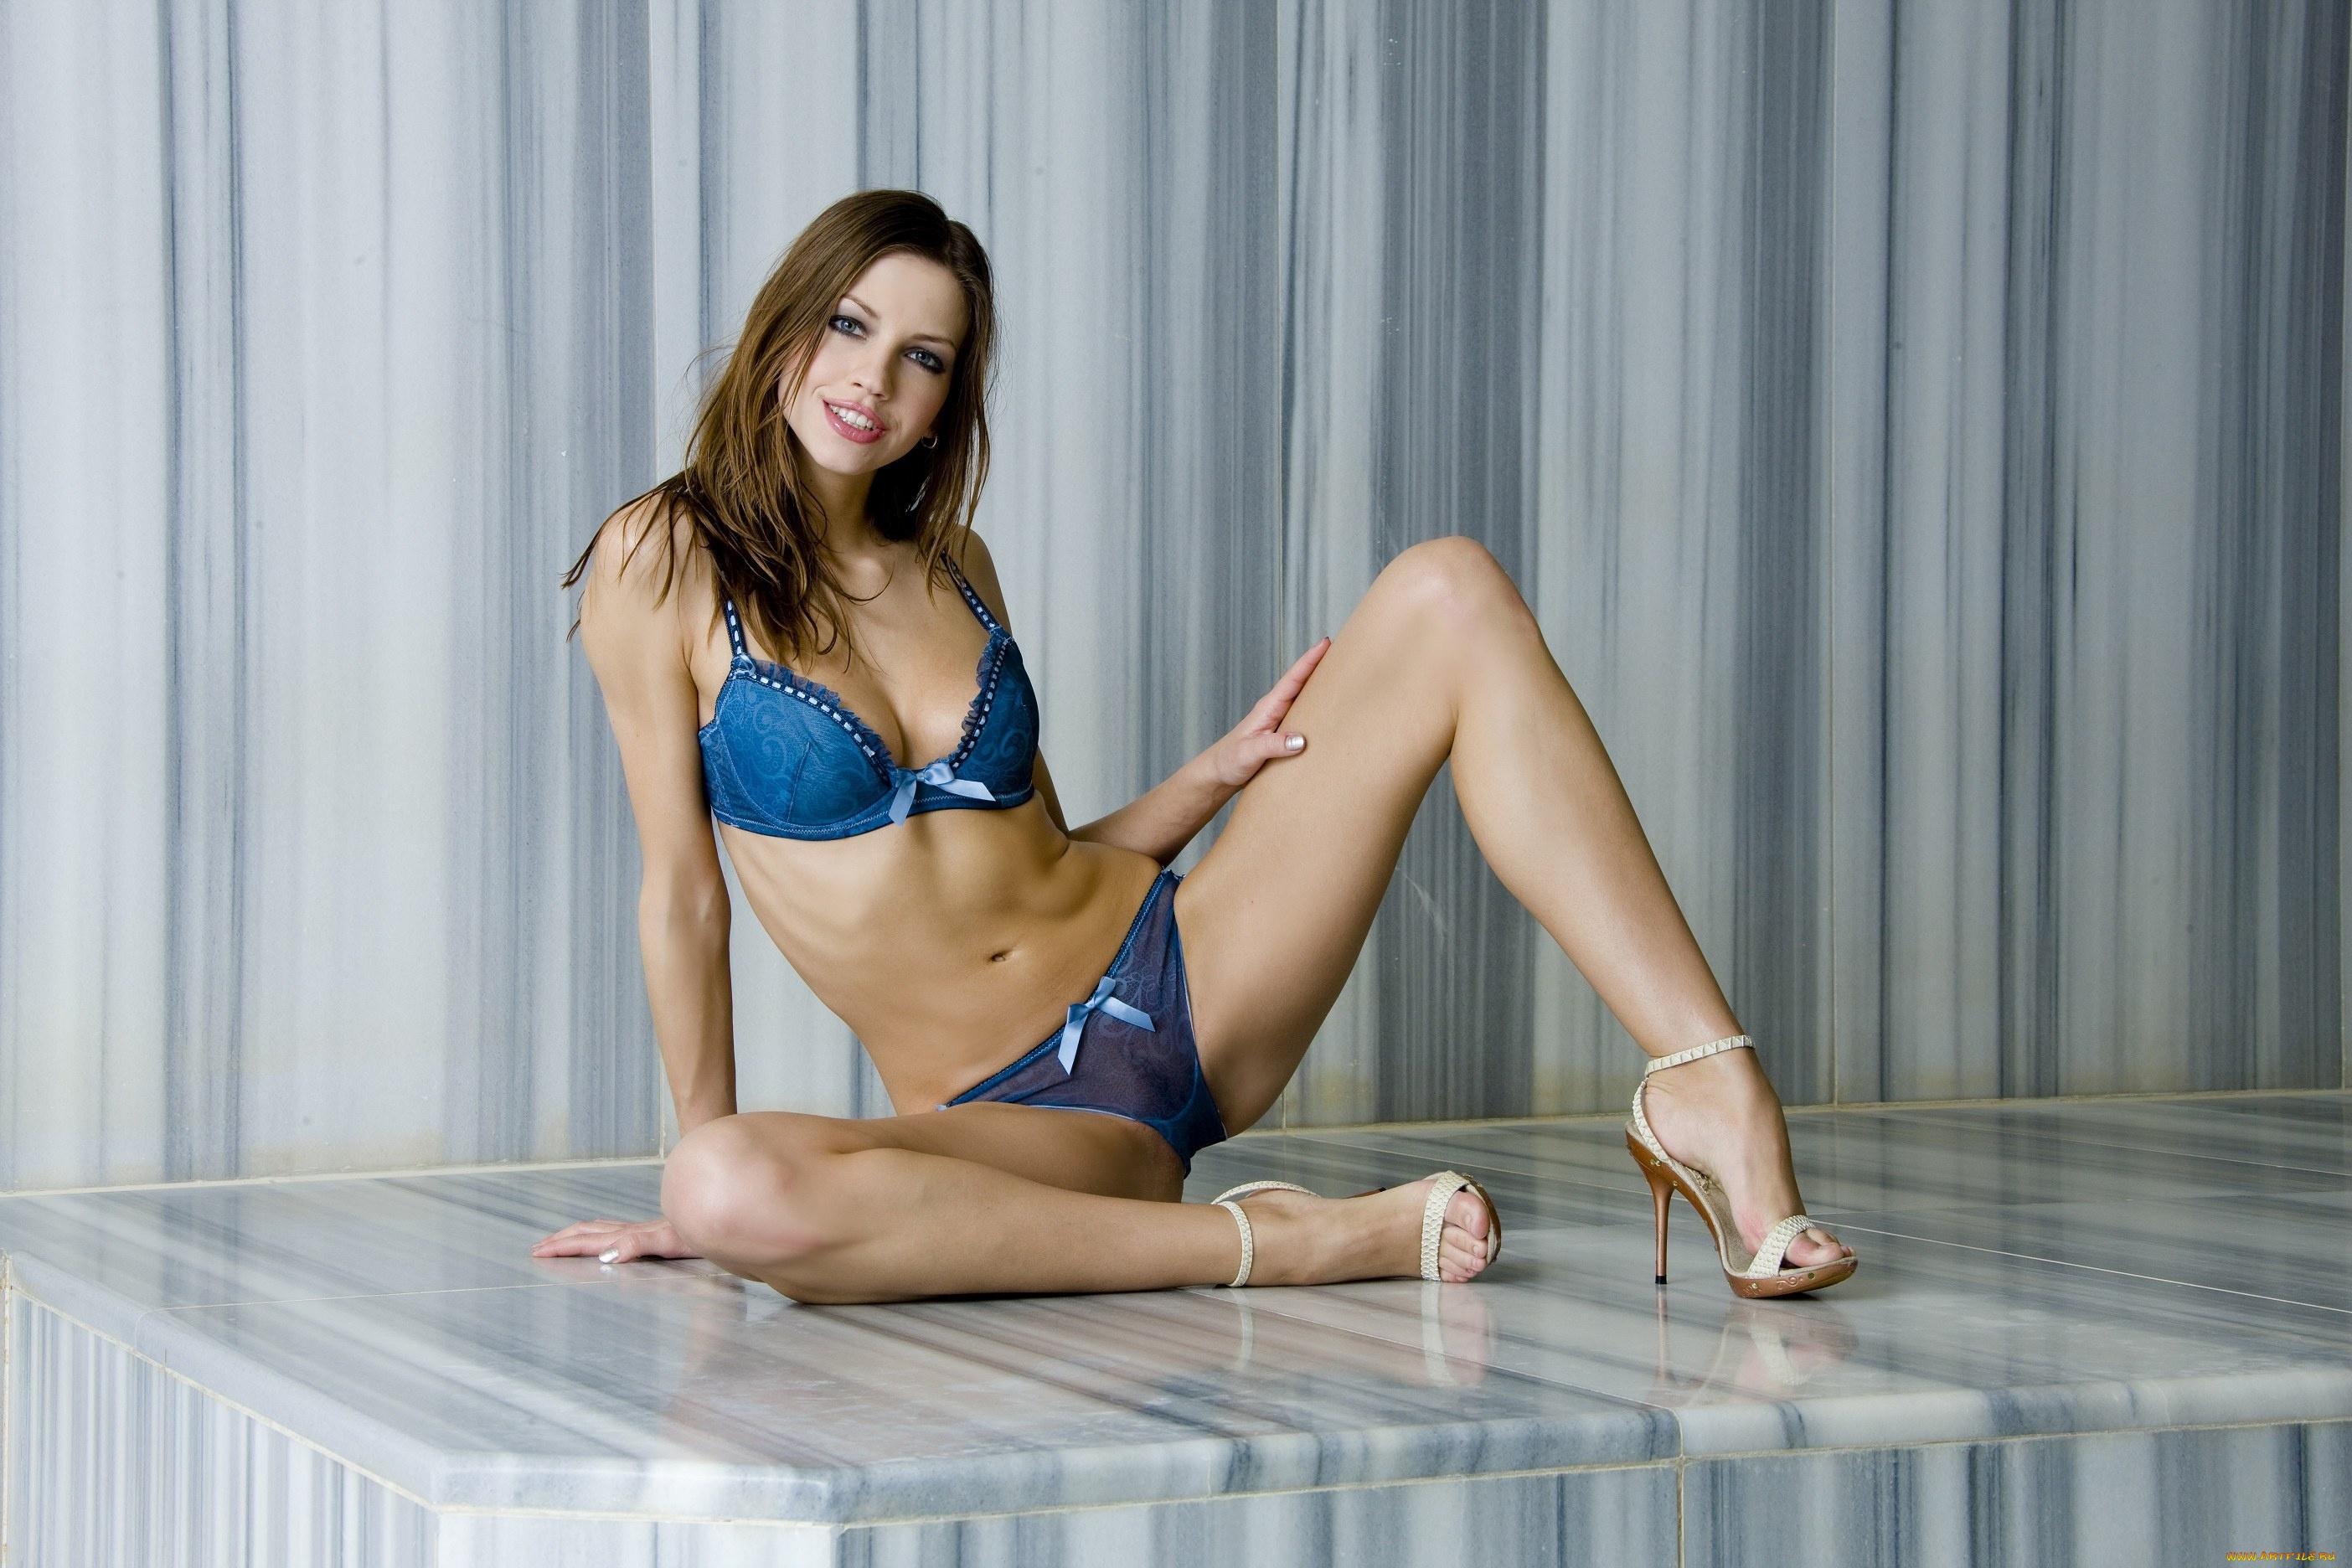 Девушка модель работы тьютора работа в клубе девушки москва